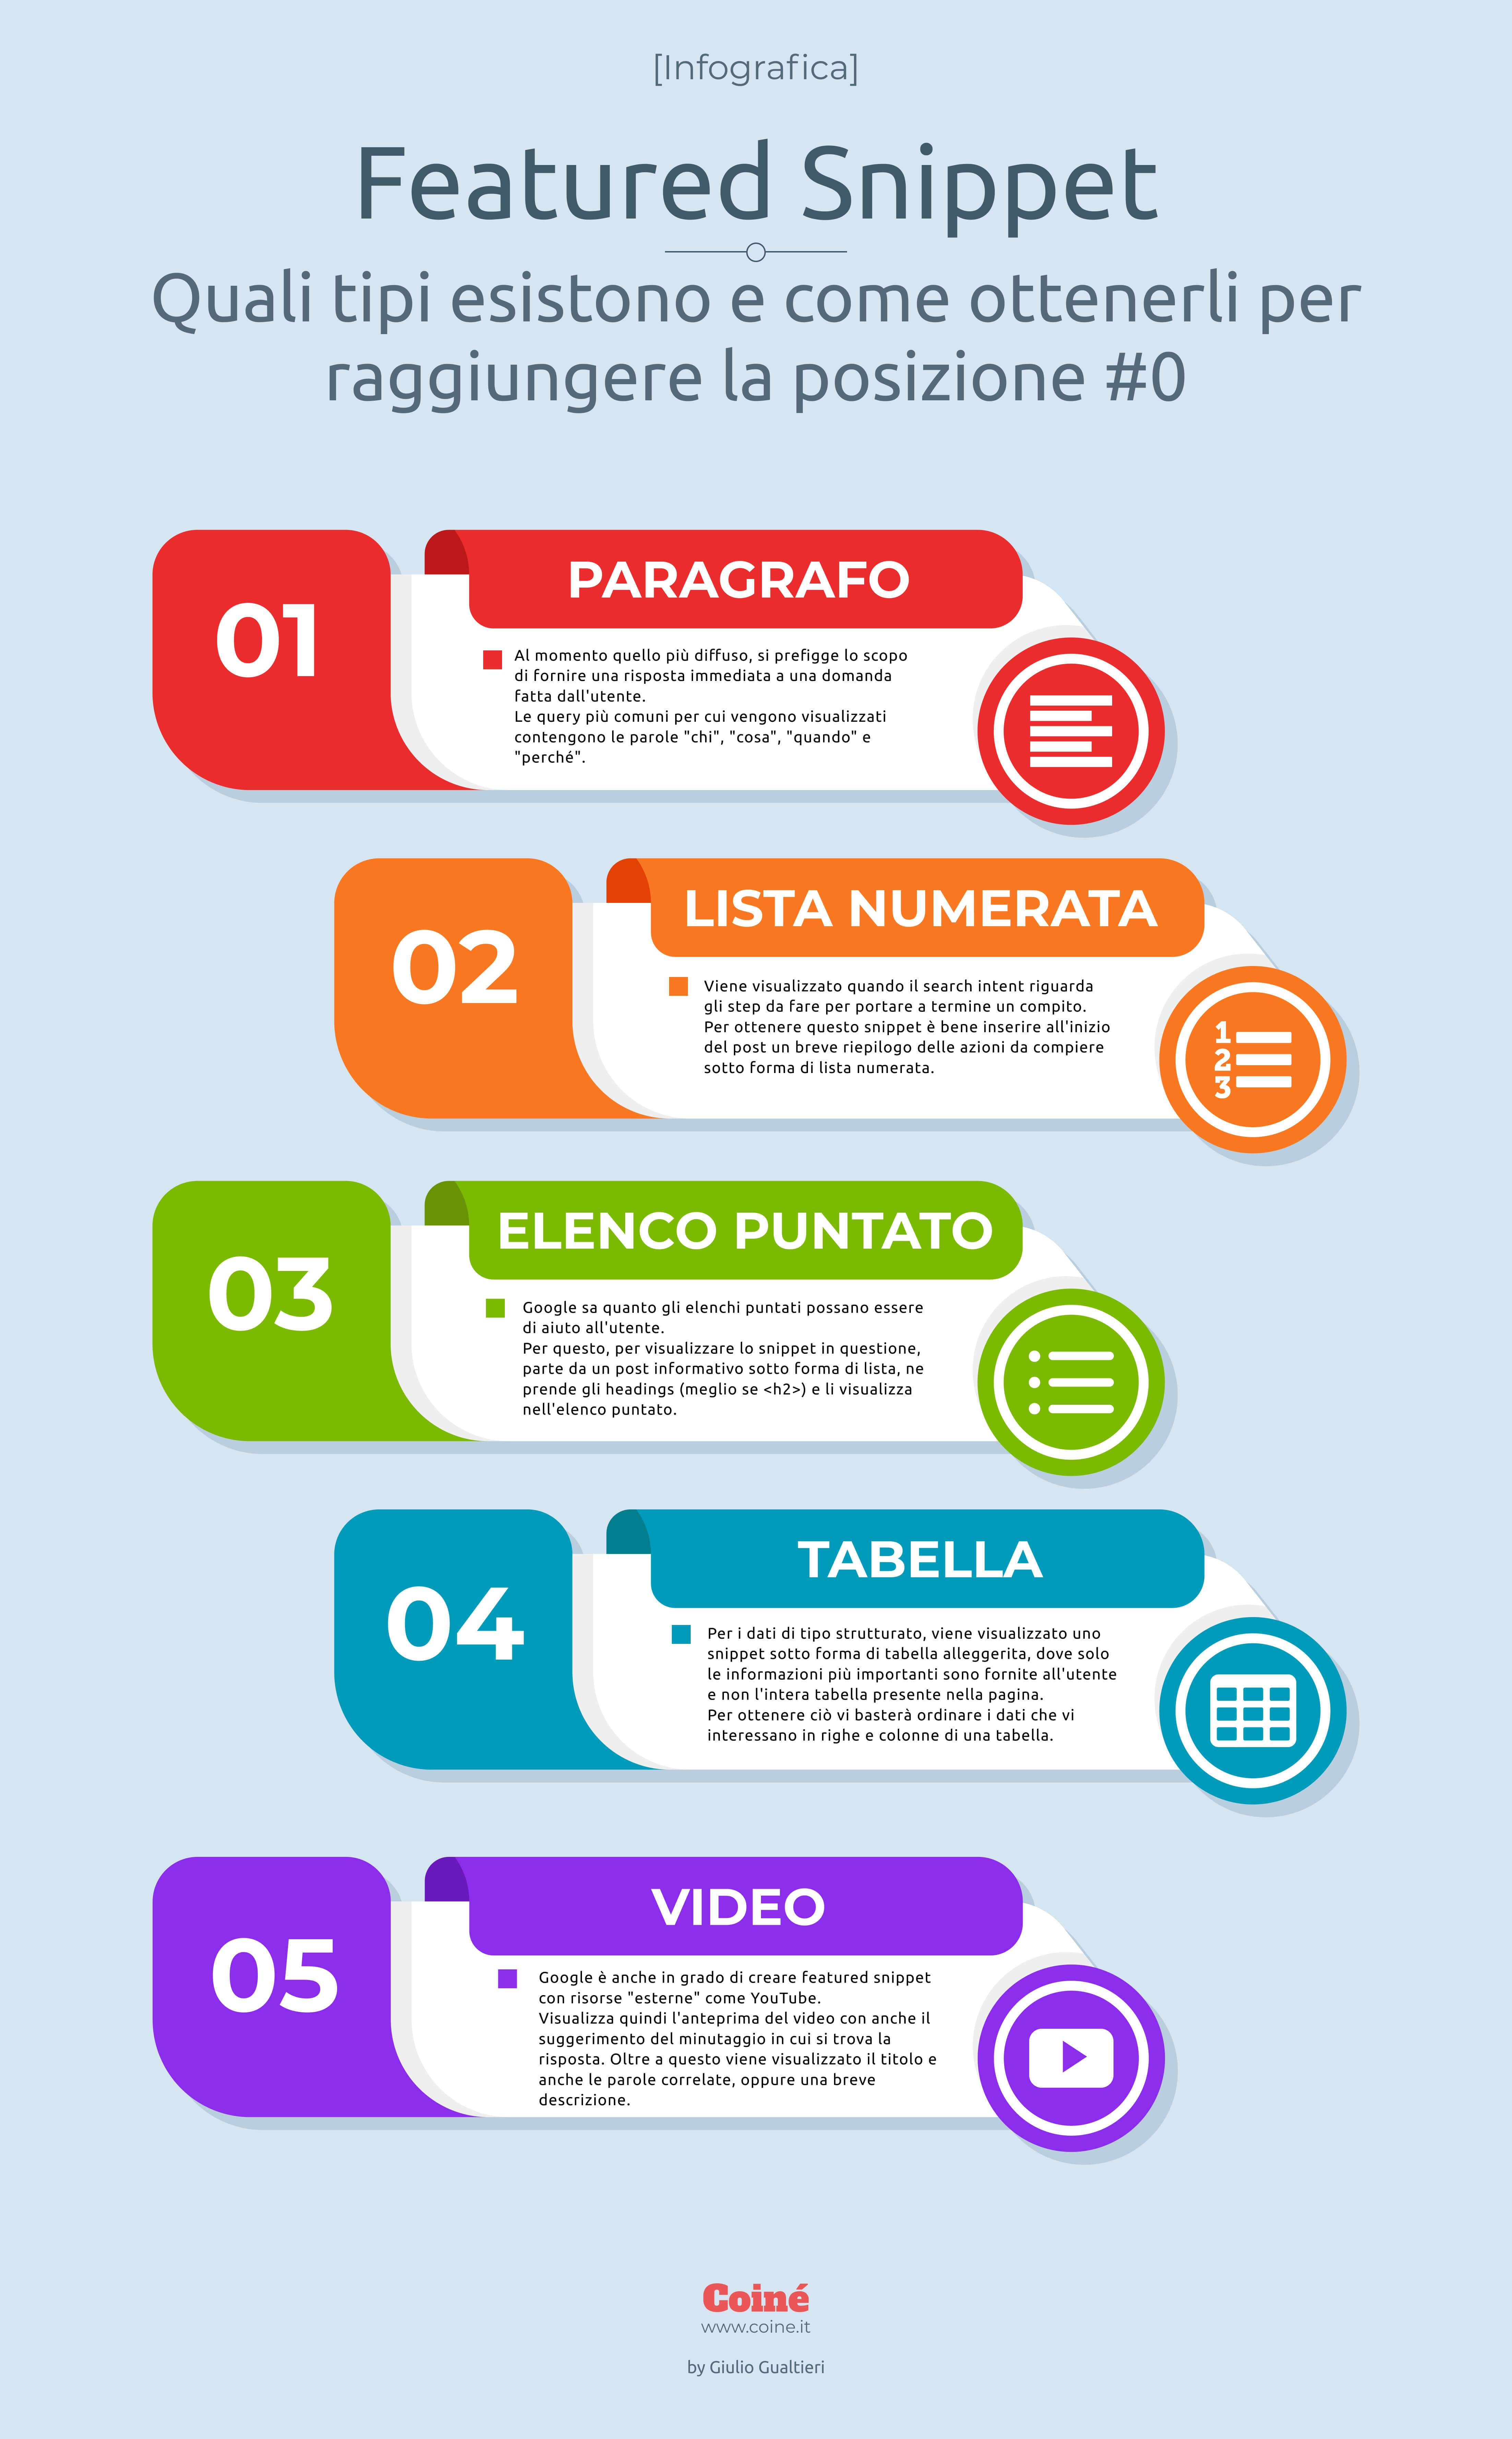 Infografica: Featured Snippet - Quali tipi esistono e come ottenerli per raggiungere la posizione #0